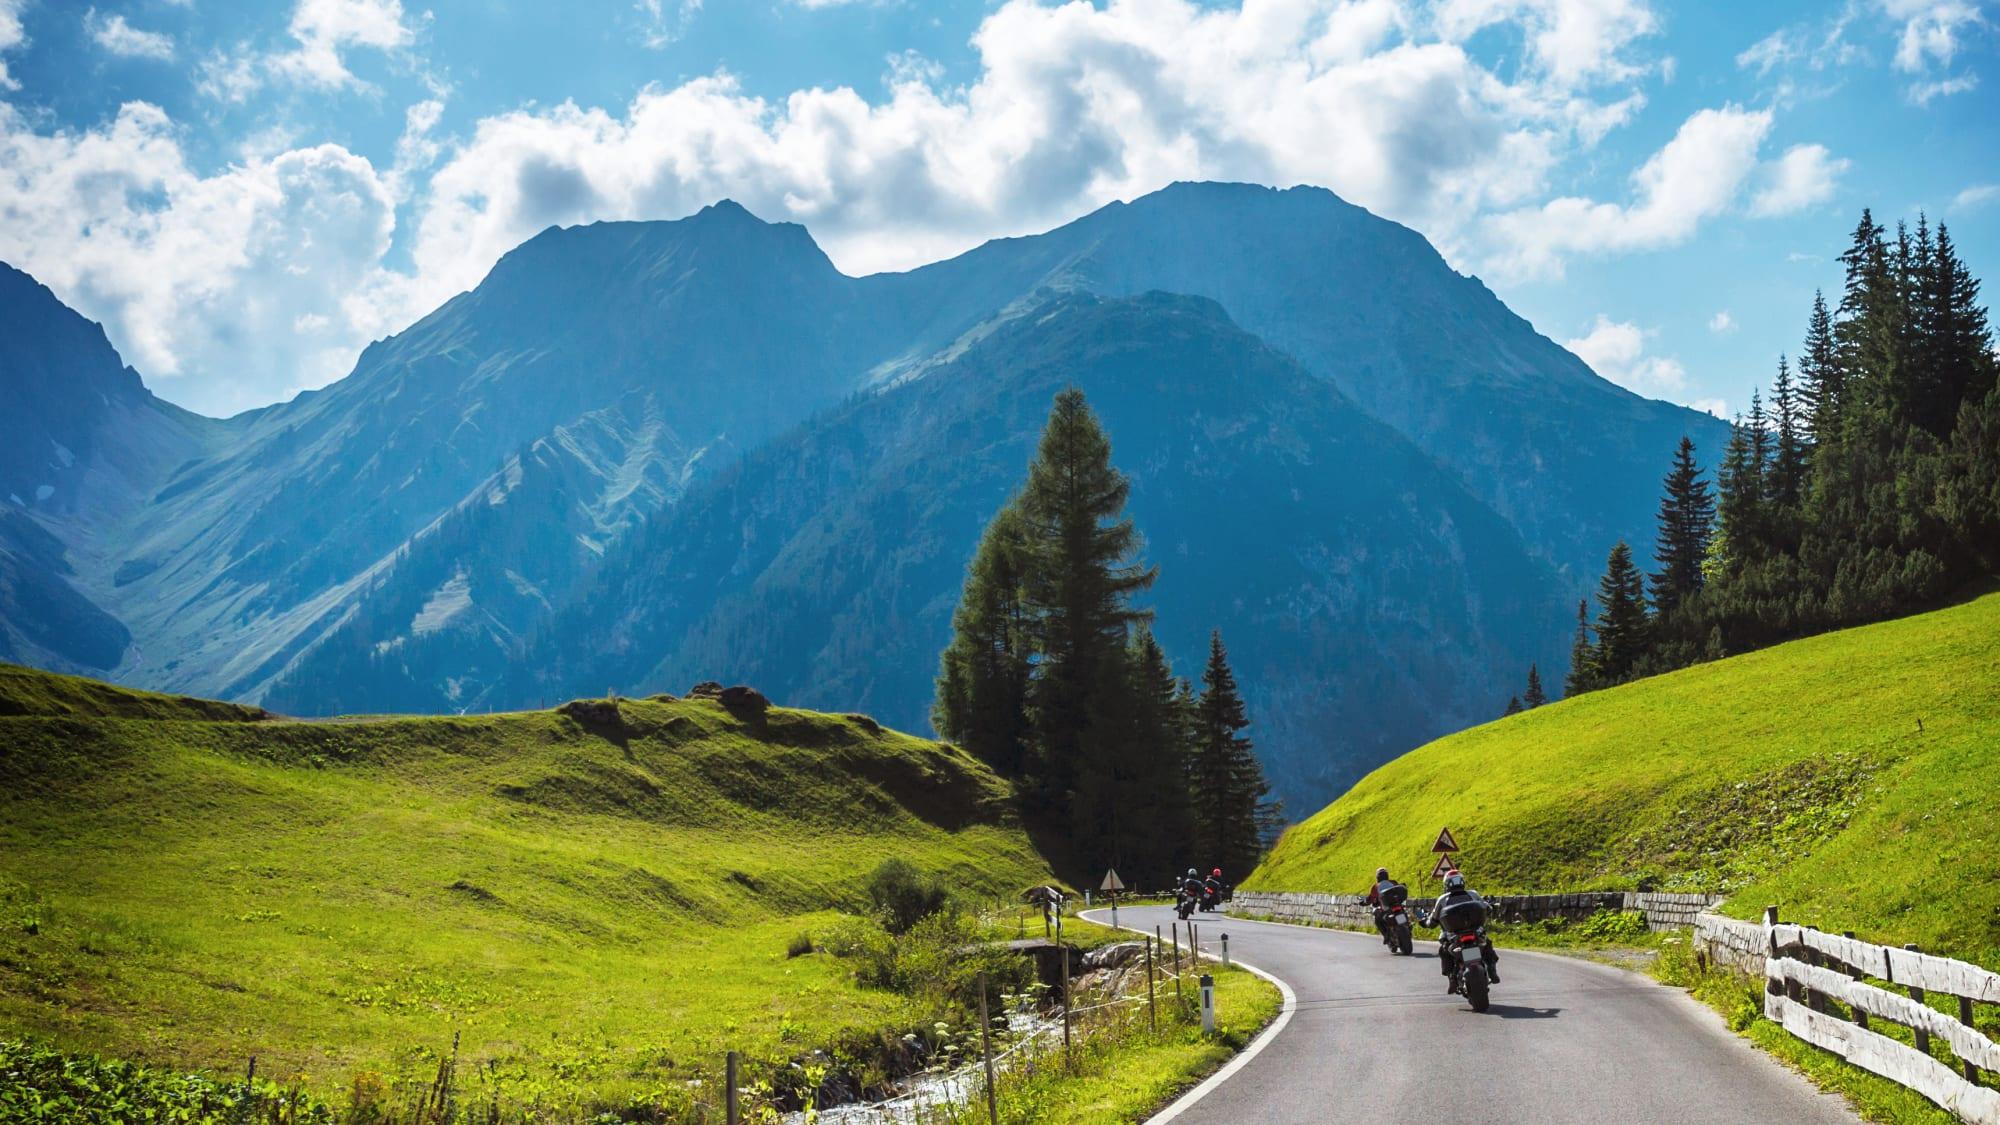 Motorradfahrer auf einer Straße mit Bergkulisse